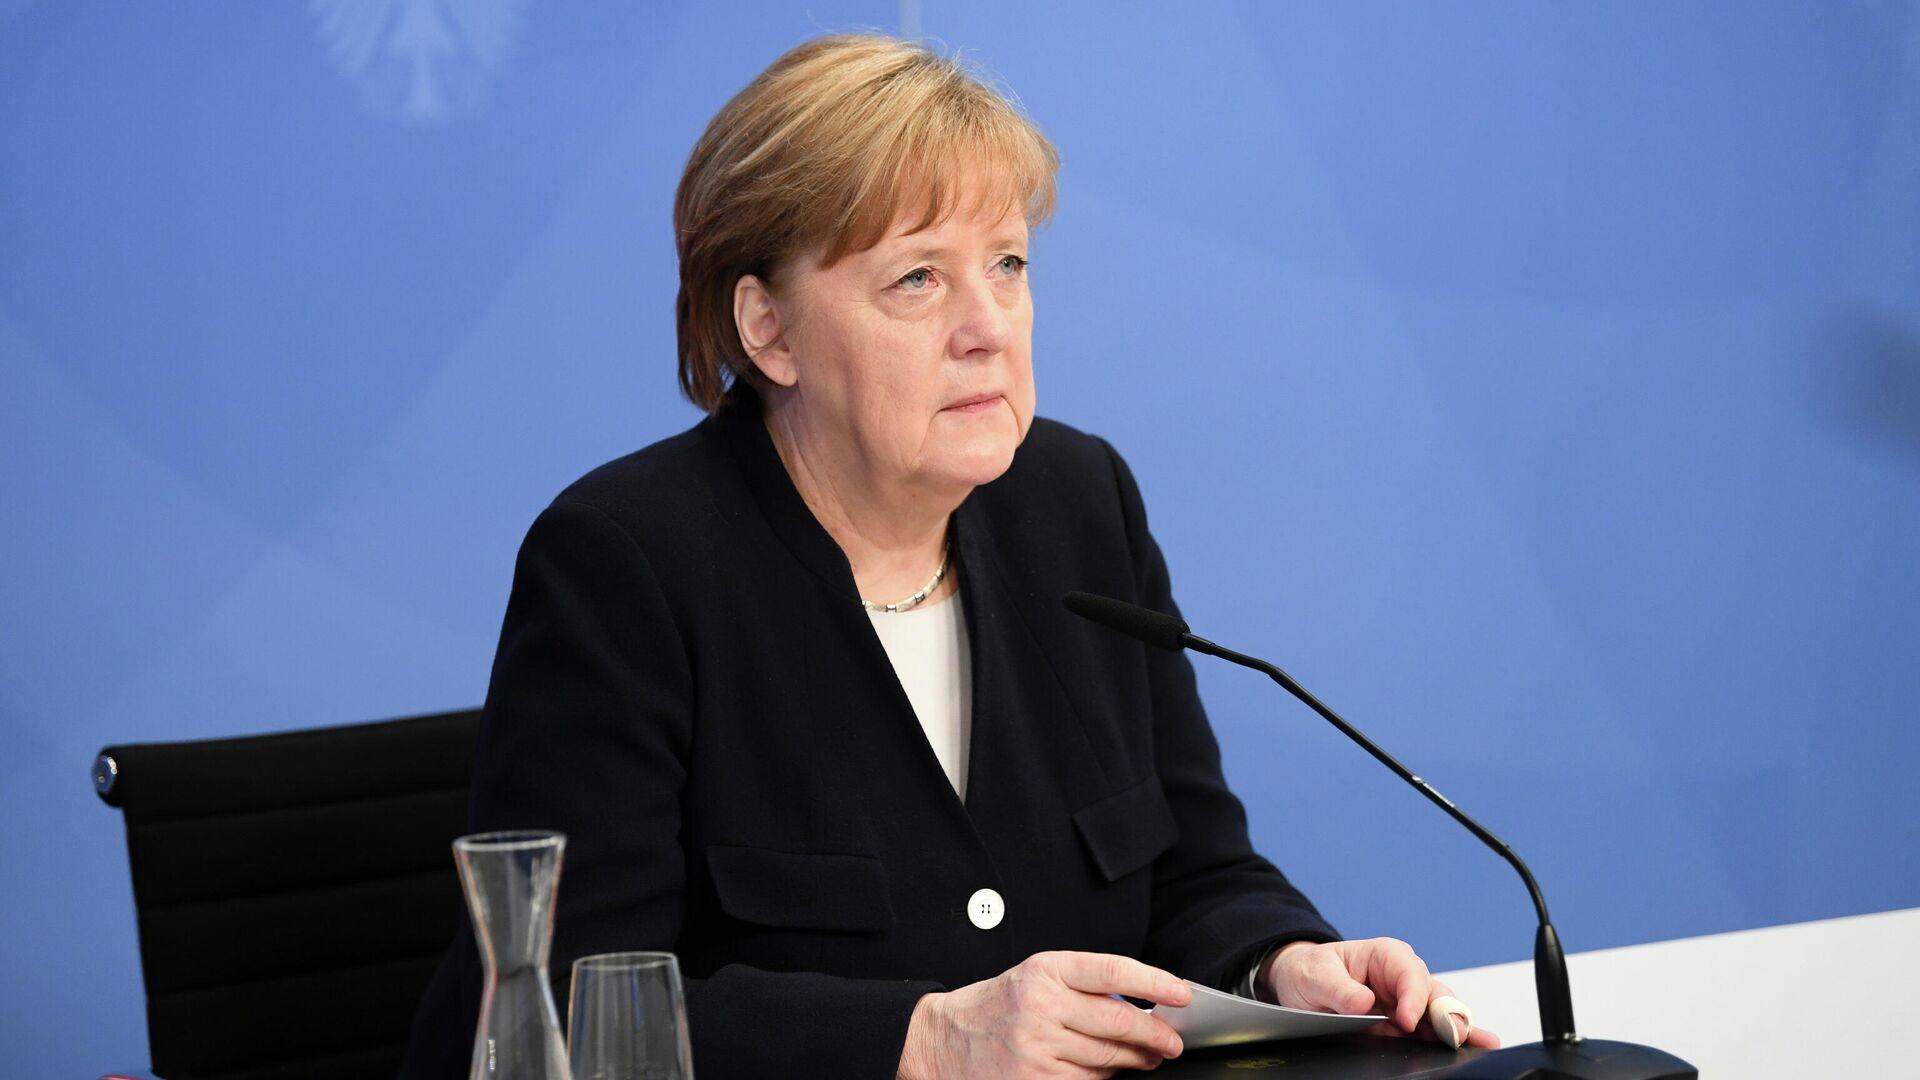 Angela Merkel, la canciller alemana - Sputnik Mundo, 1920, 05.05.2021